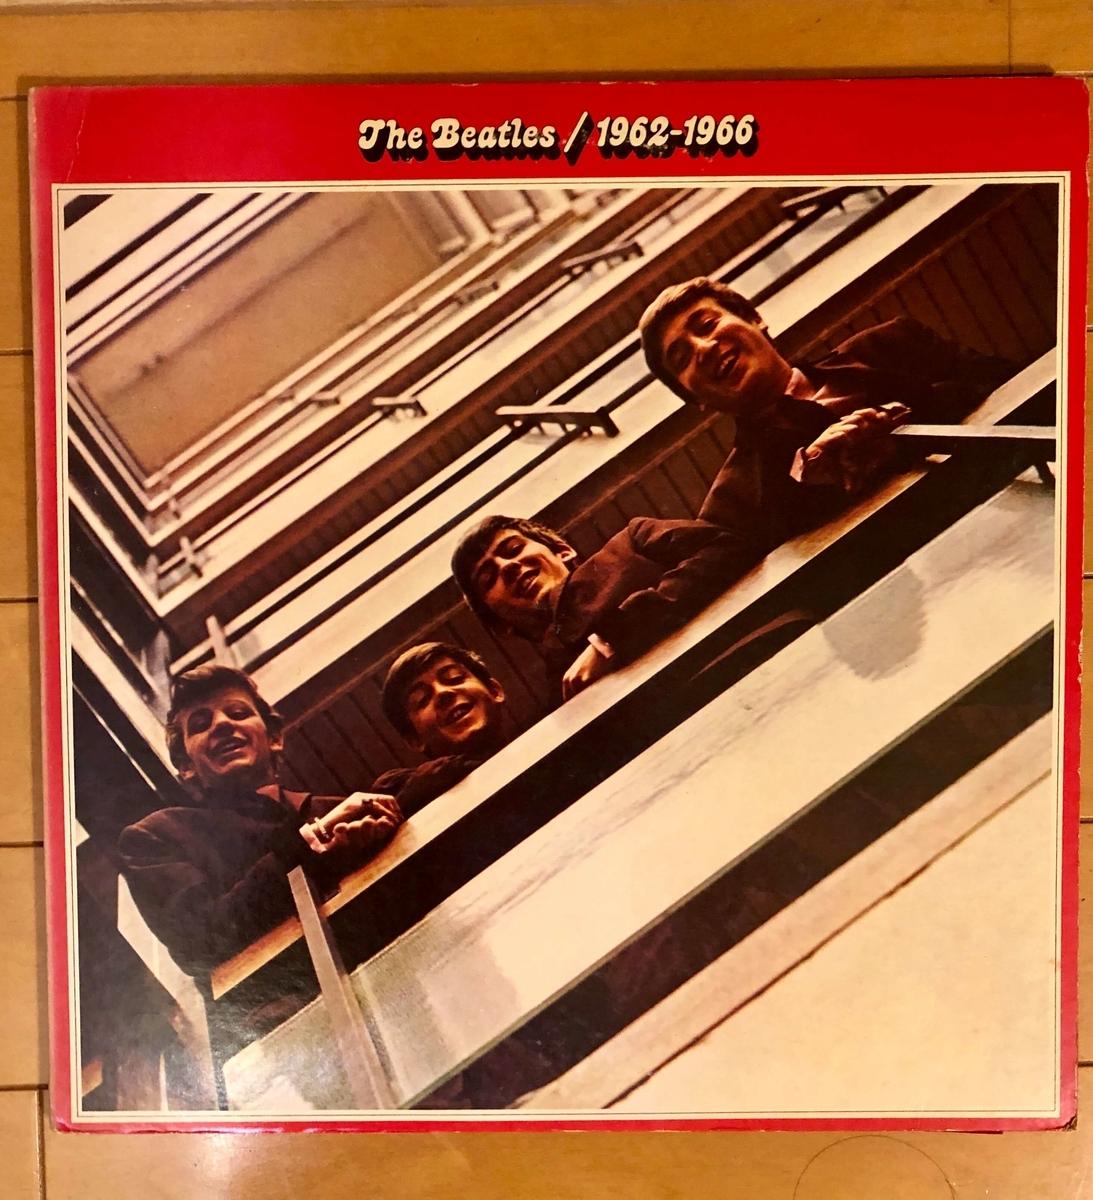 ビートルズの前期ベスト盤「1962-1966」